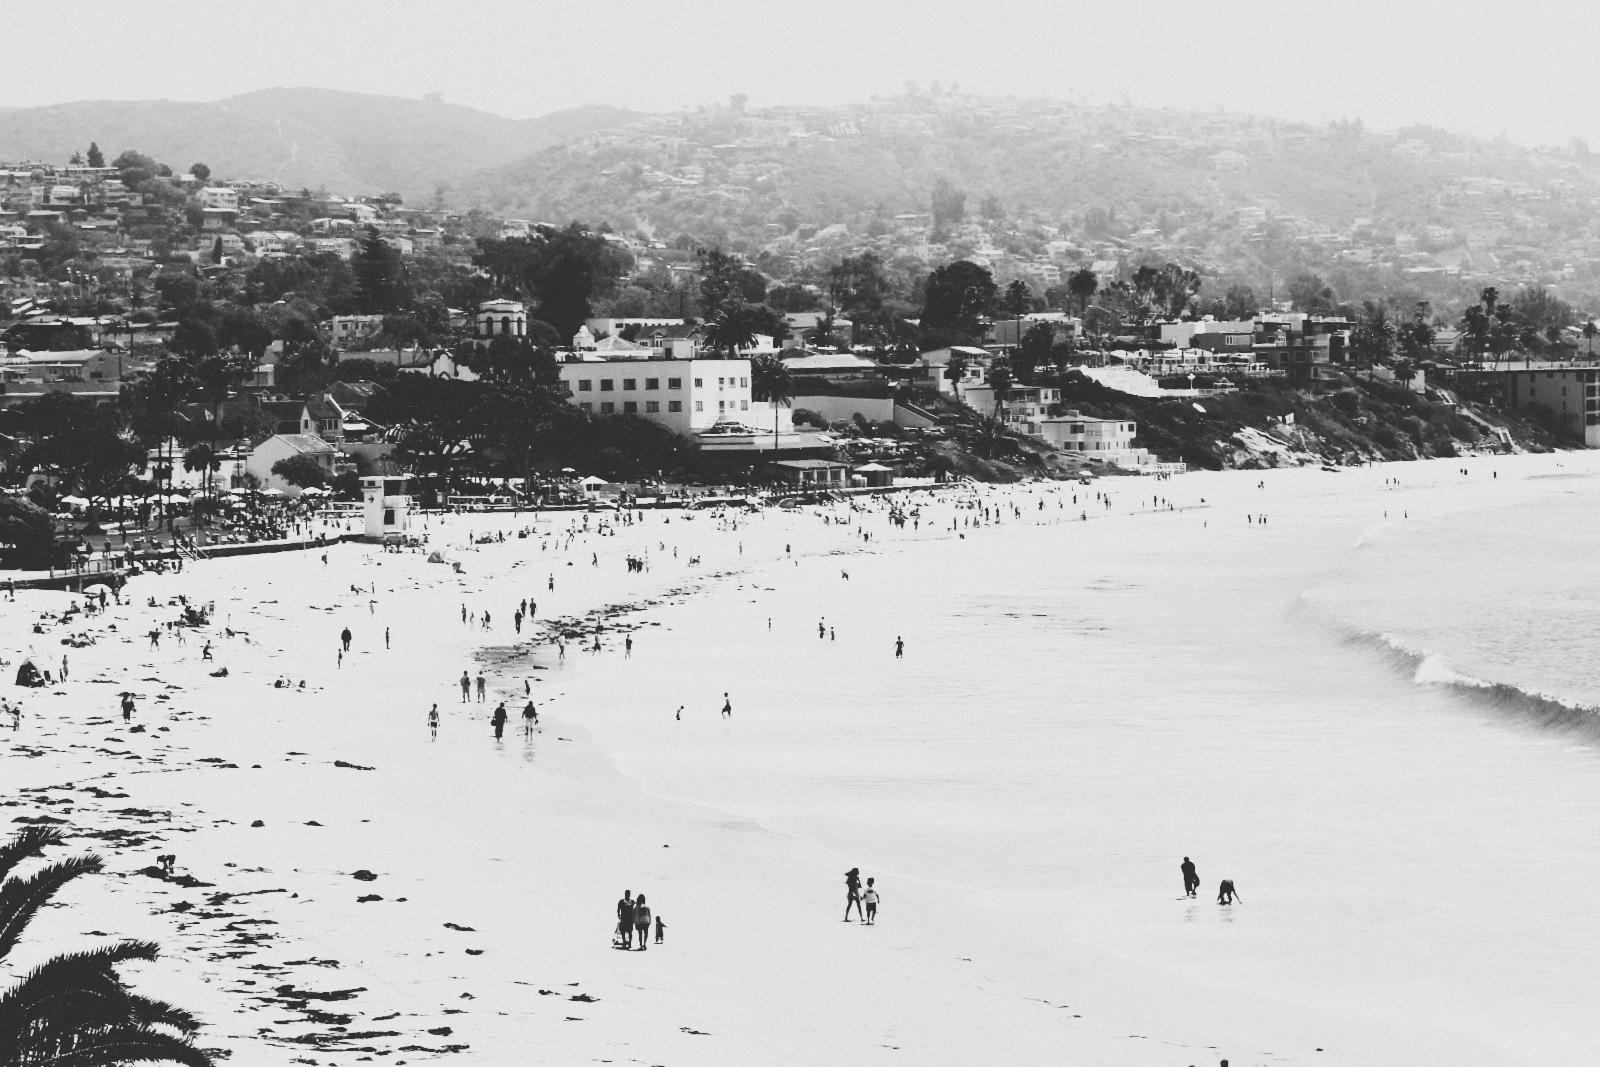 The Great Escape | Newport Beach, CA